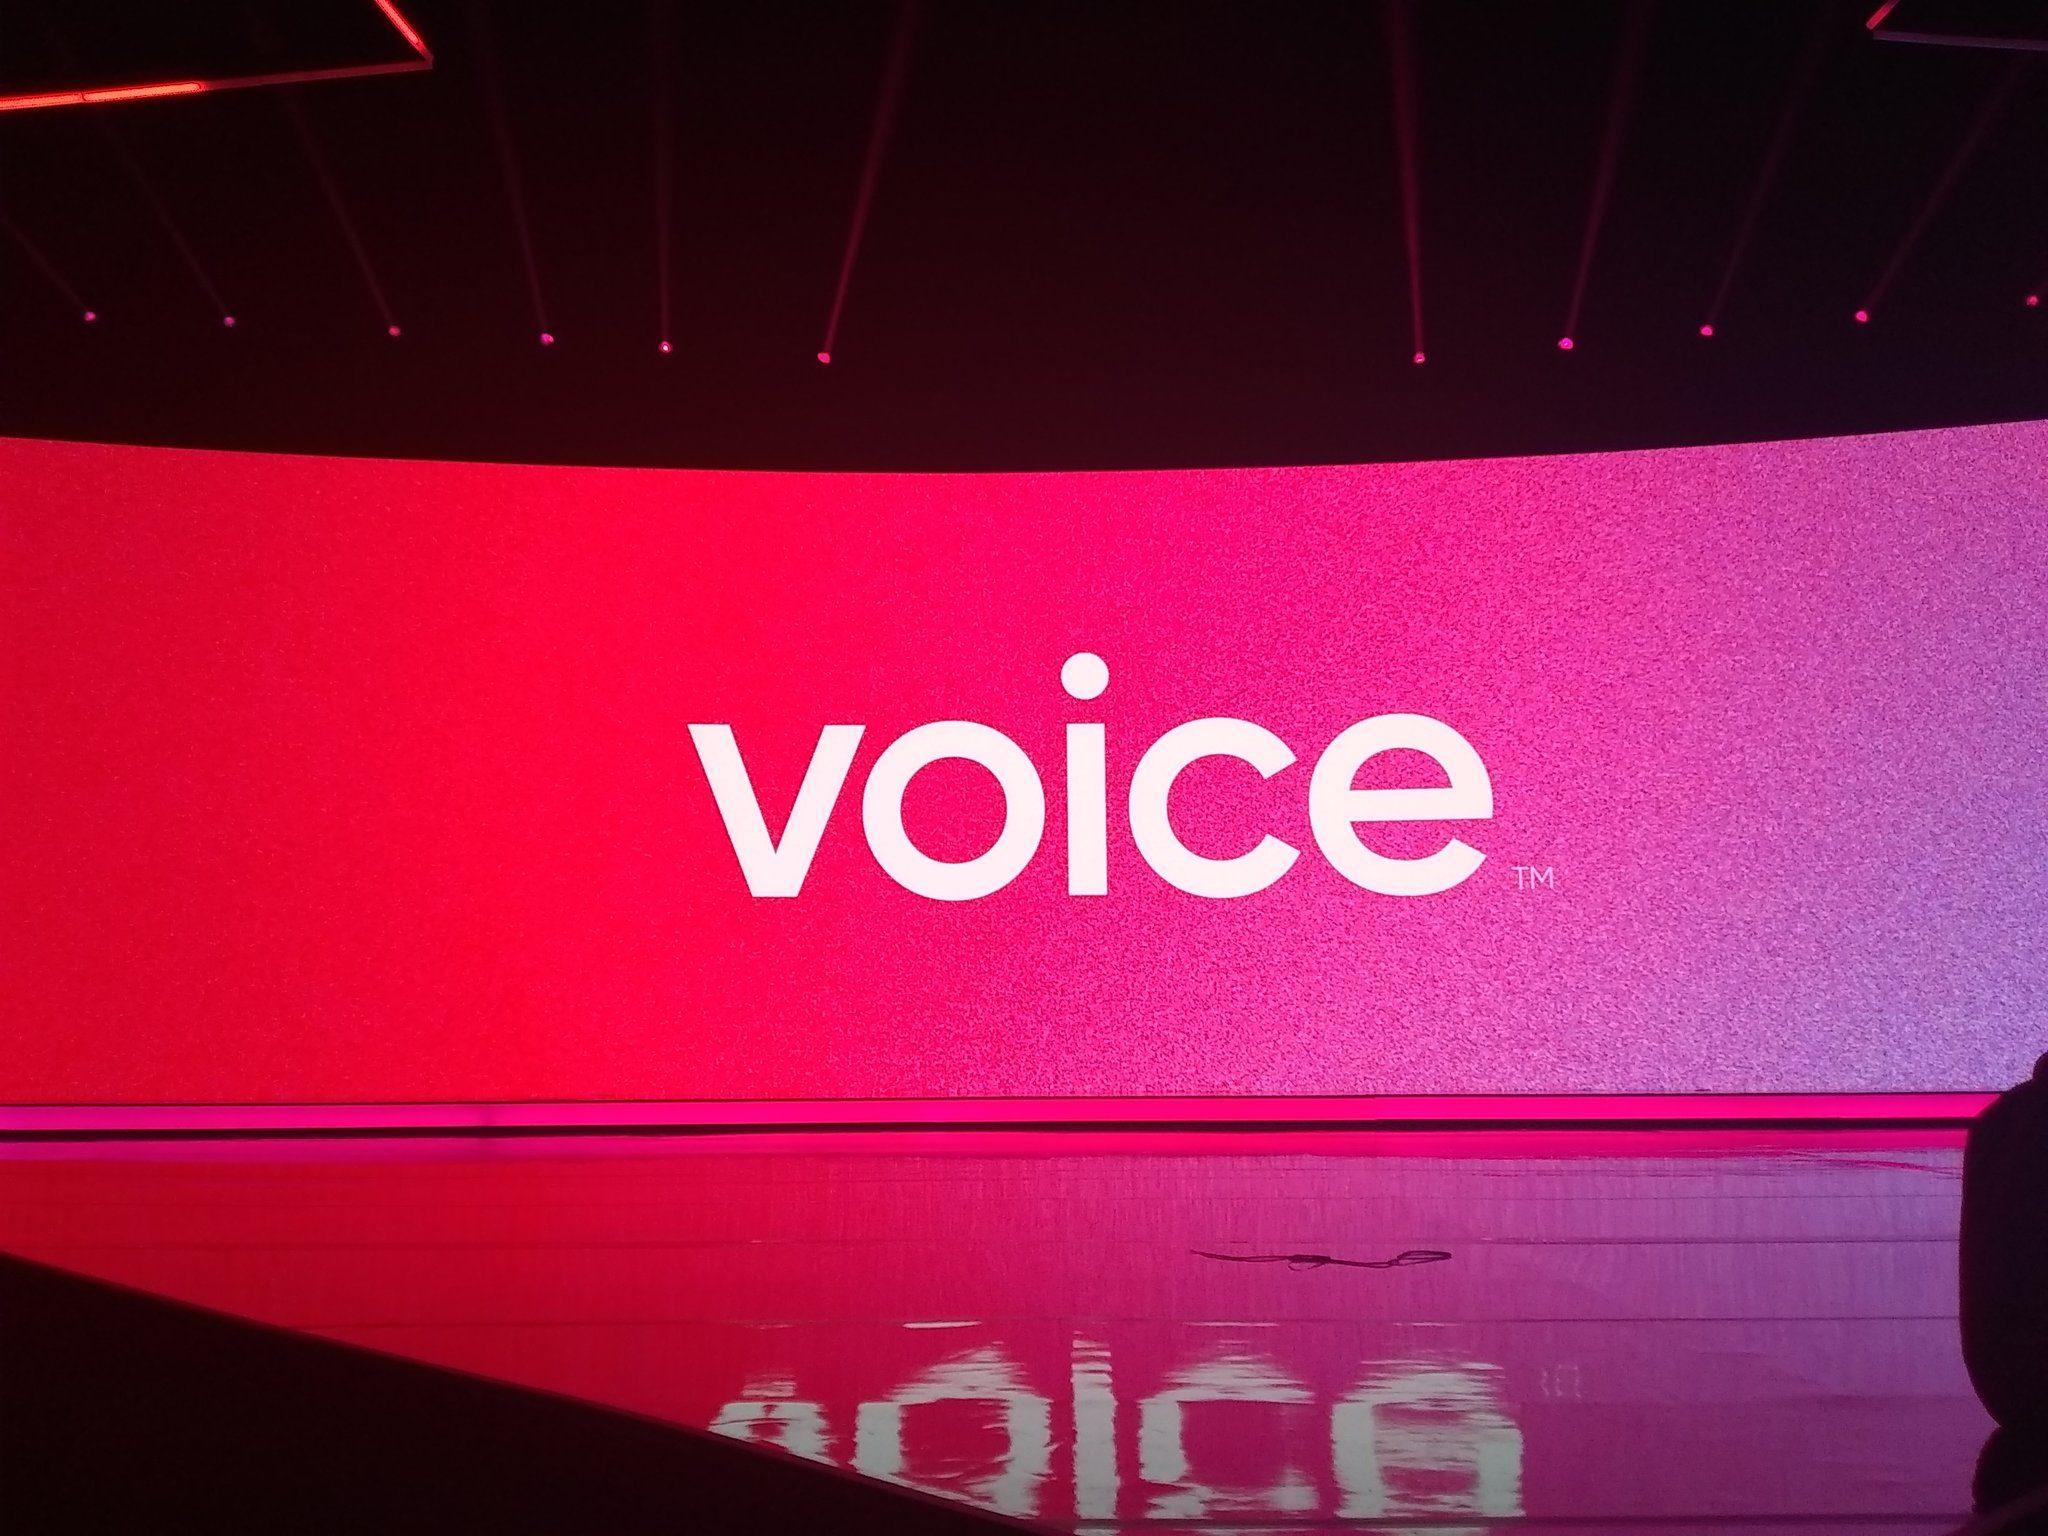 giá bitcoin: Block.One thông báo sẽ phát triển mạng xã hội Voice trên nền tảng EOS